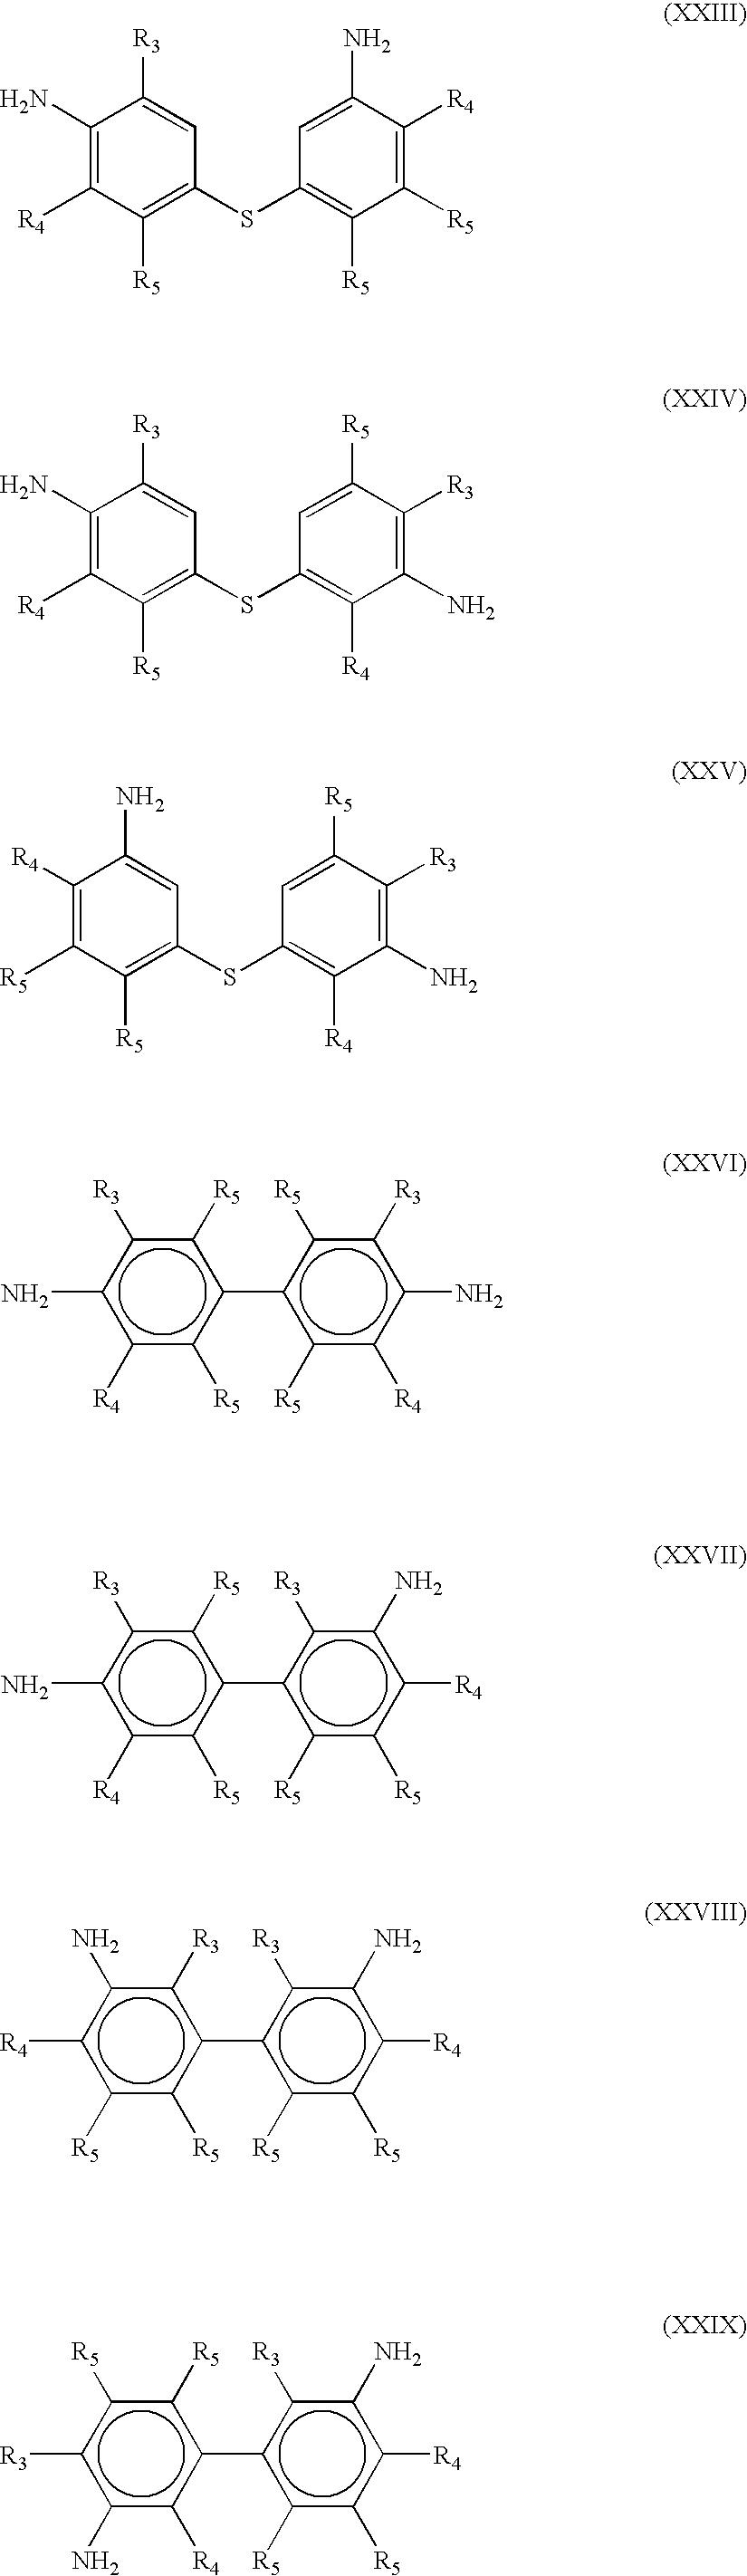 Figure US20070155942A1-20070705-C00012